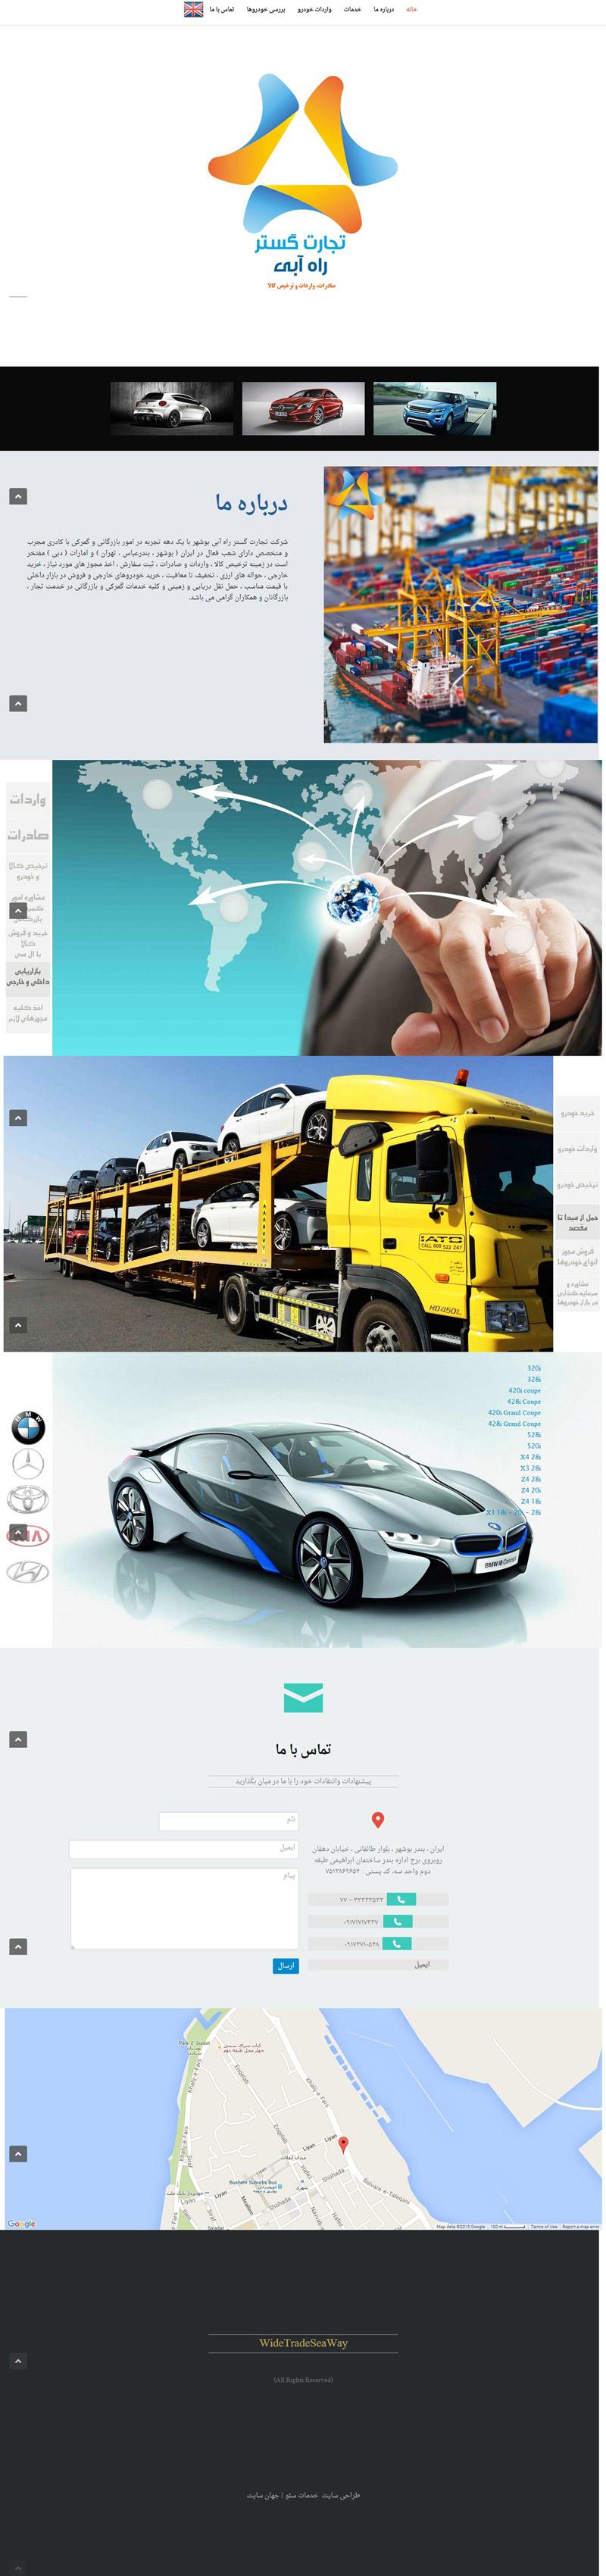 طراحی سایت شرکت بازرگانی تجارت گستر راه آبی